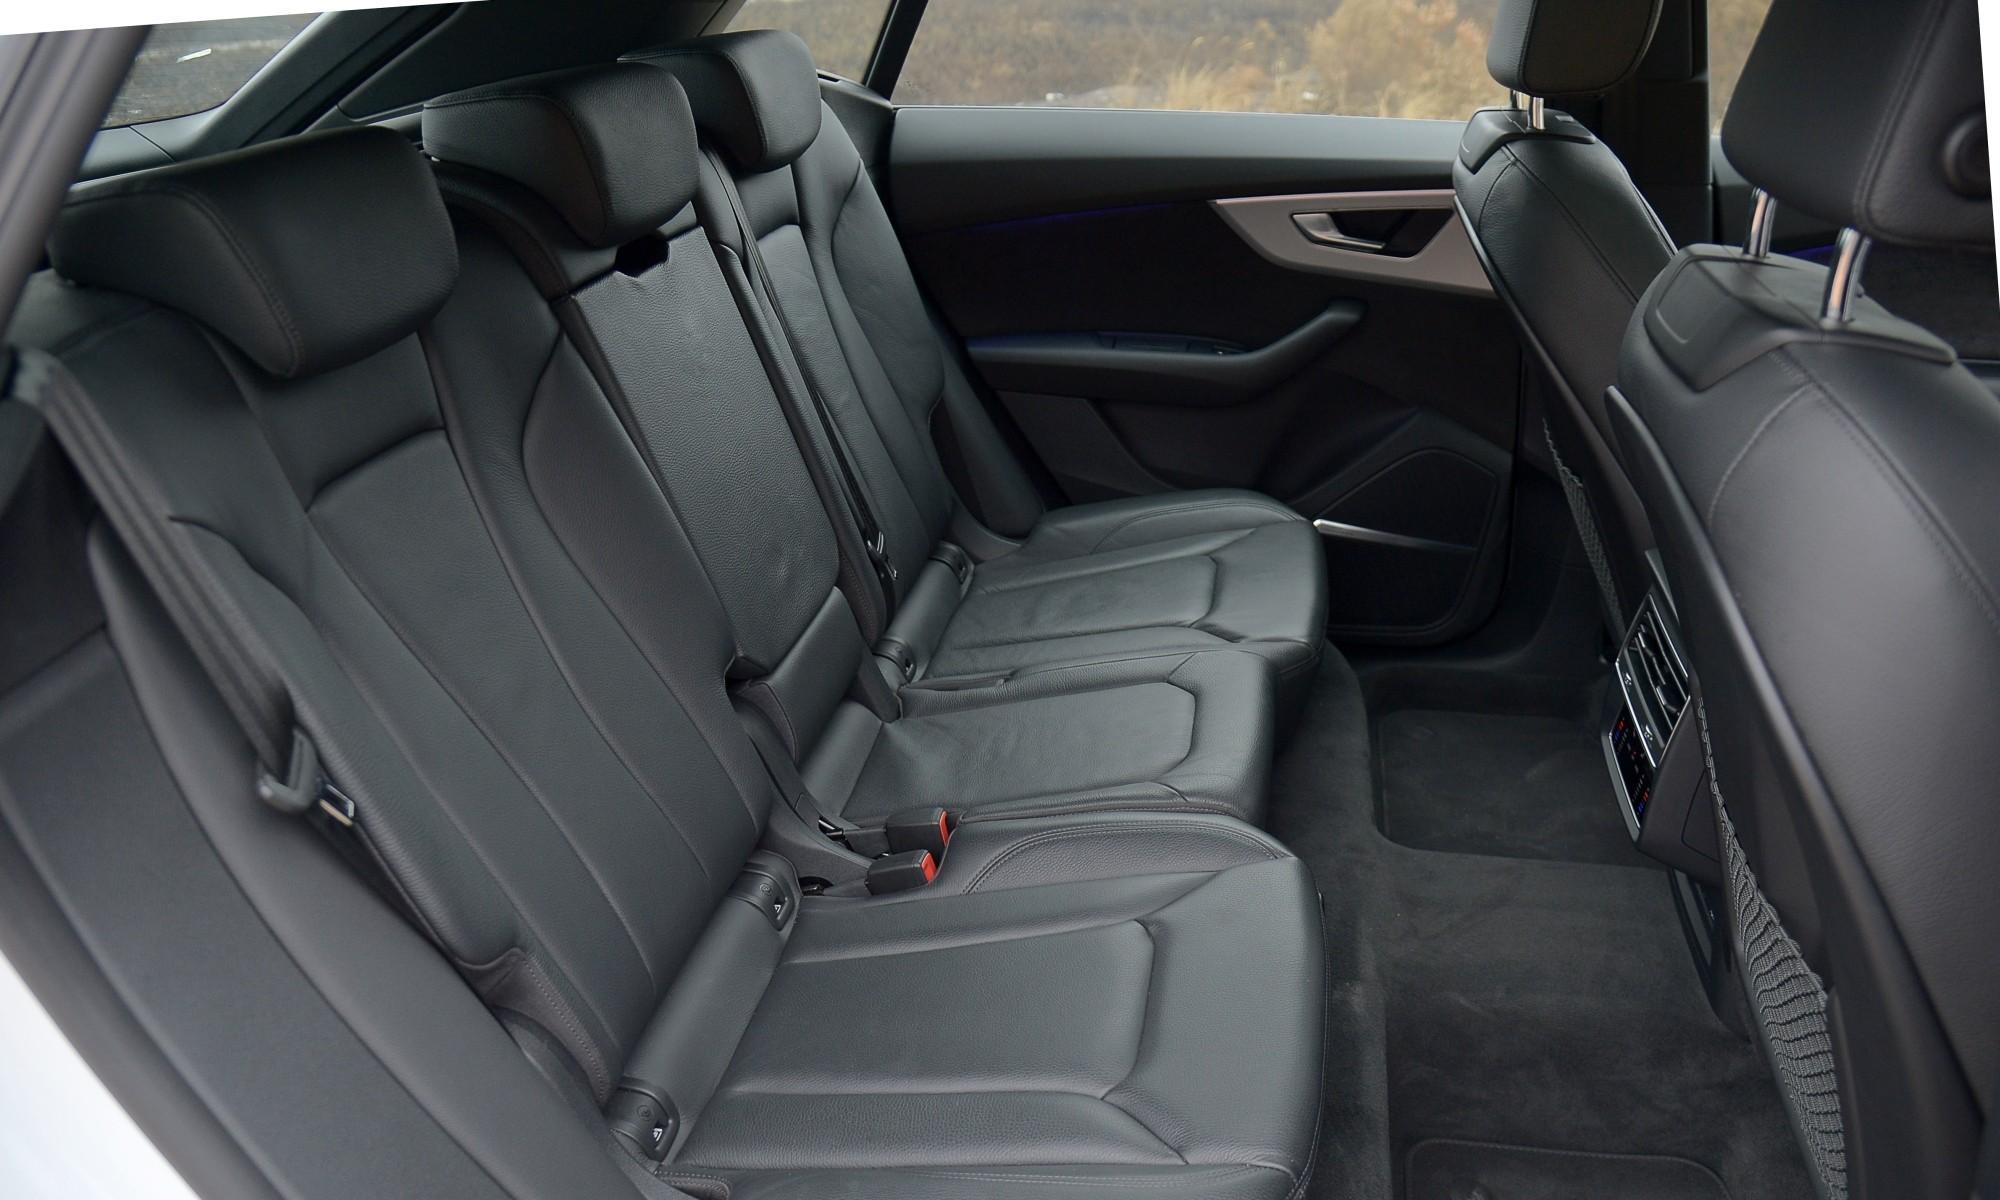 Audi Q8 55 TFSI rear cabin